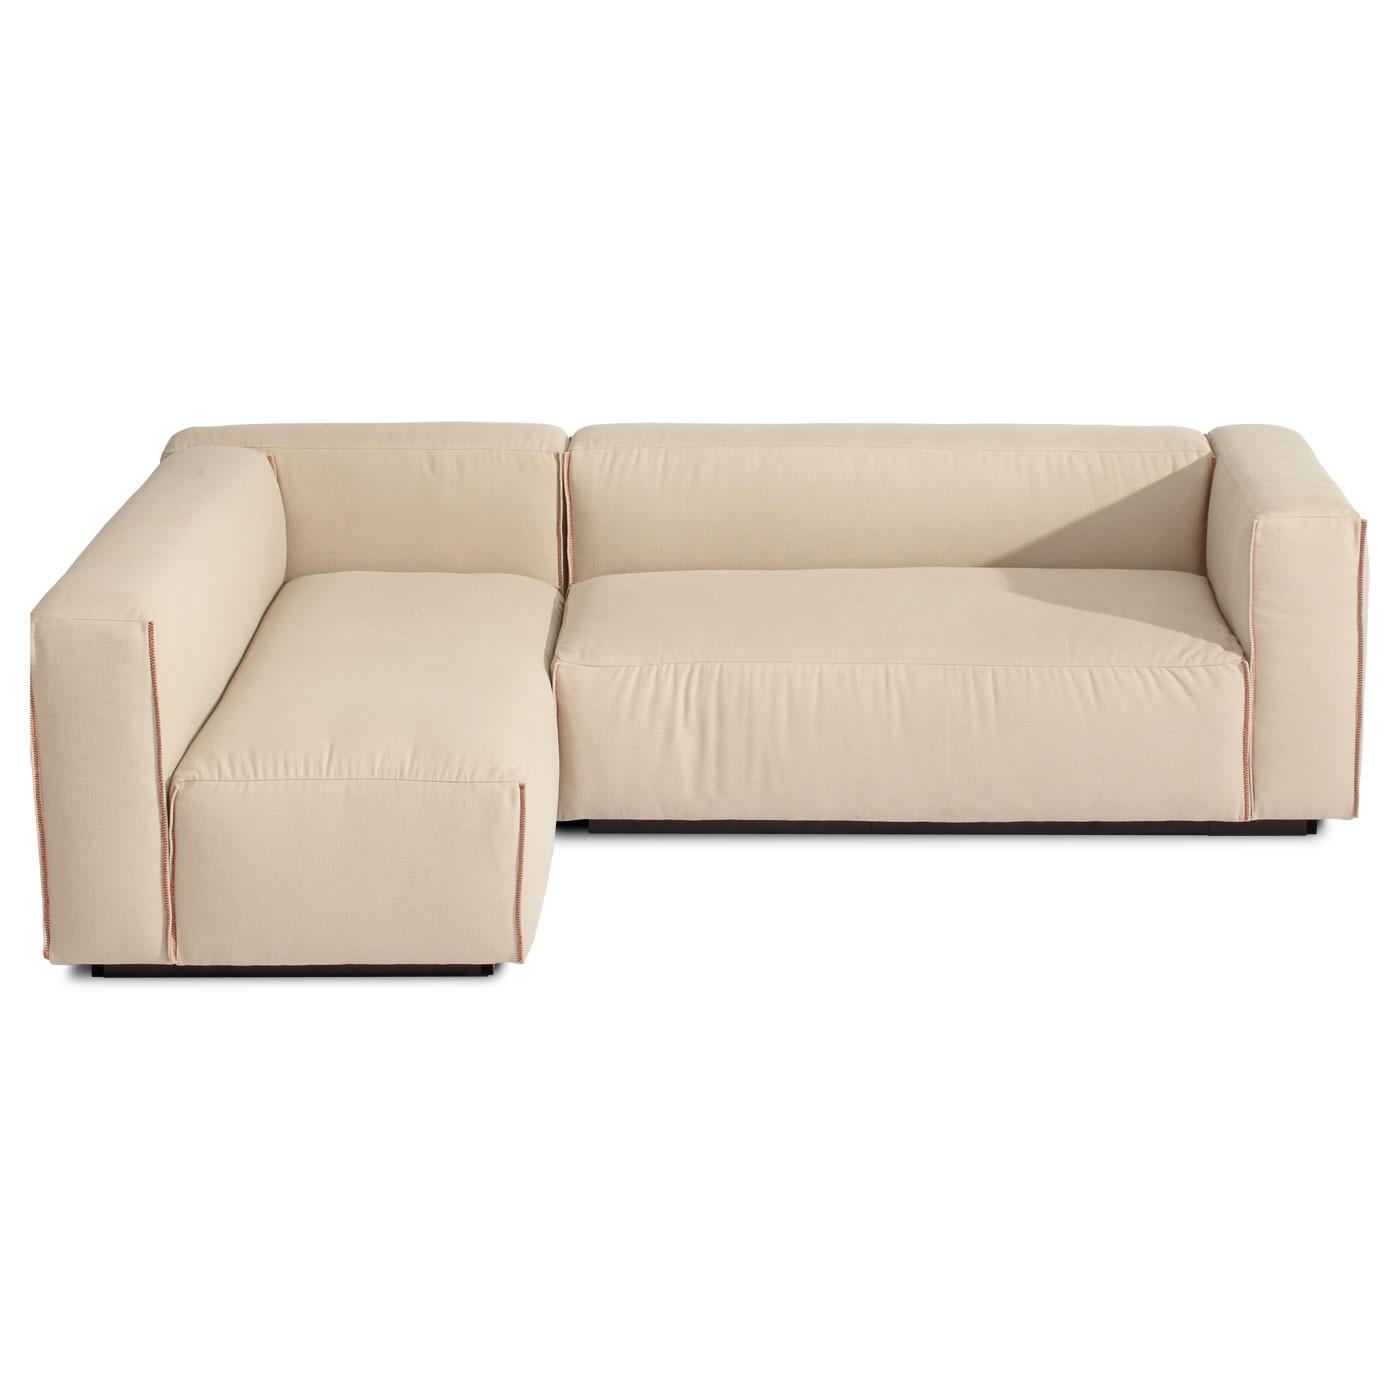 condo sized sectional sofa ottawa dwell studio reviews 15 43 sofas ideas